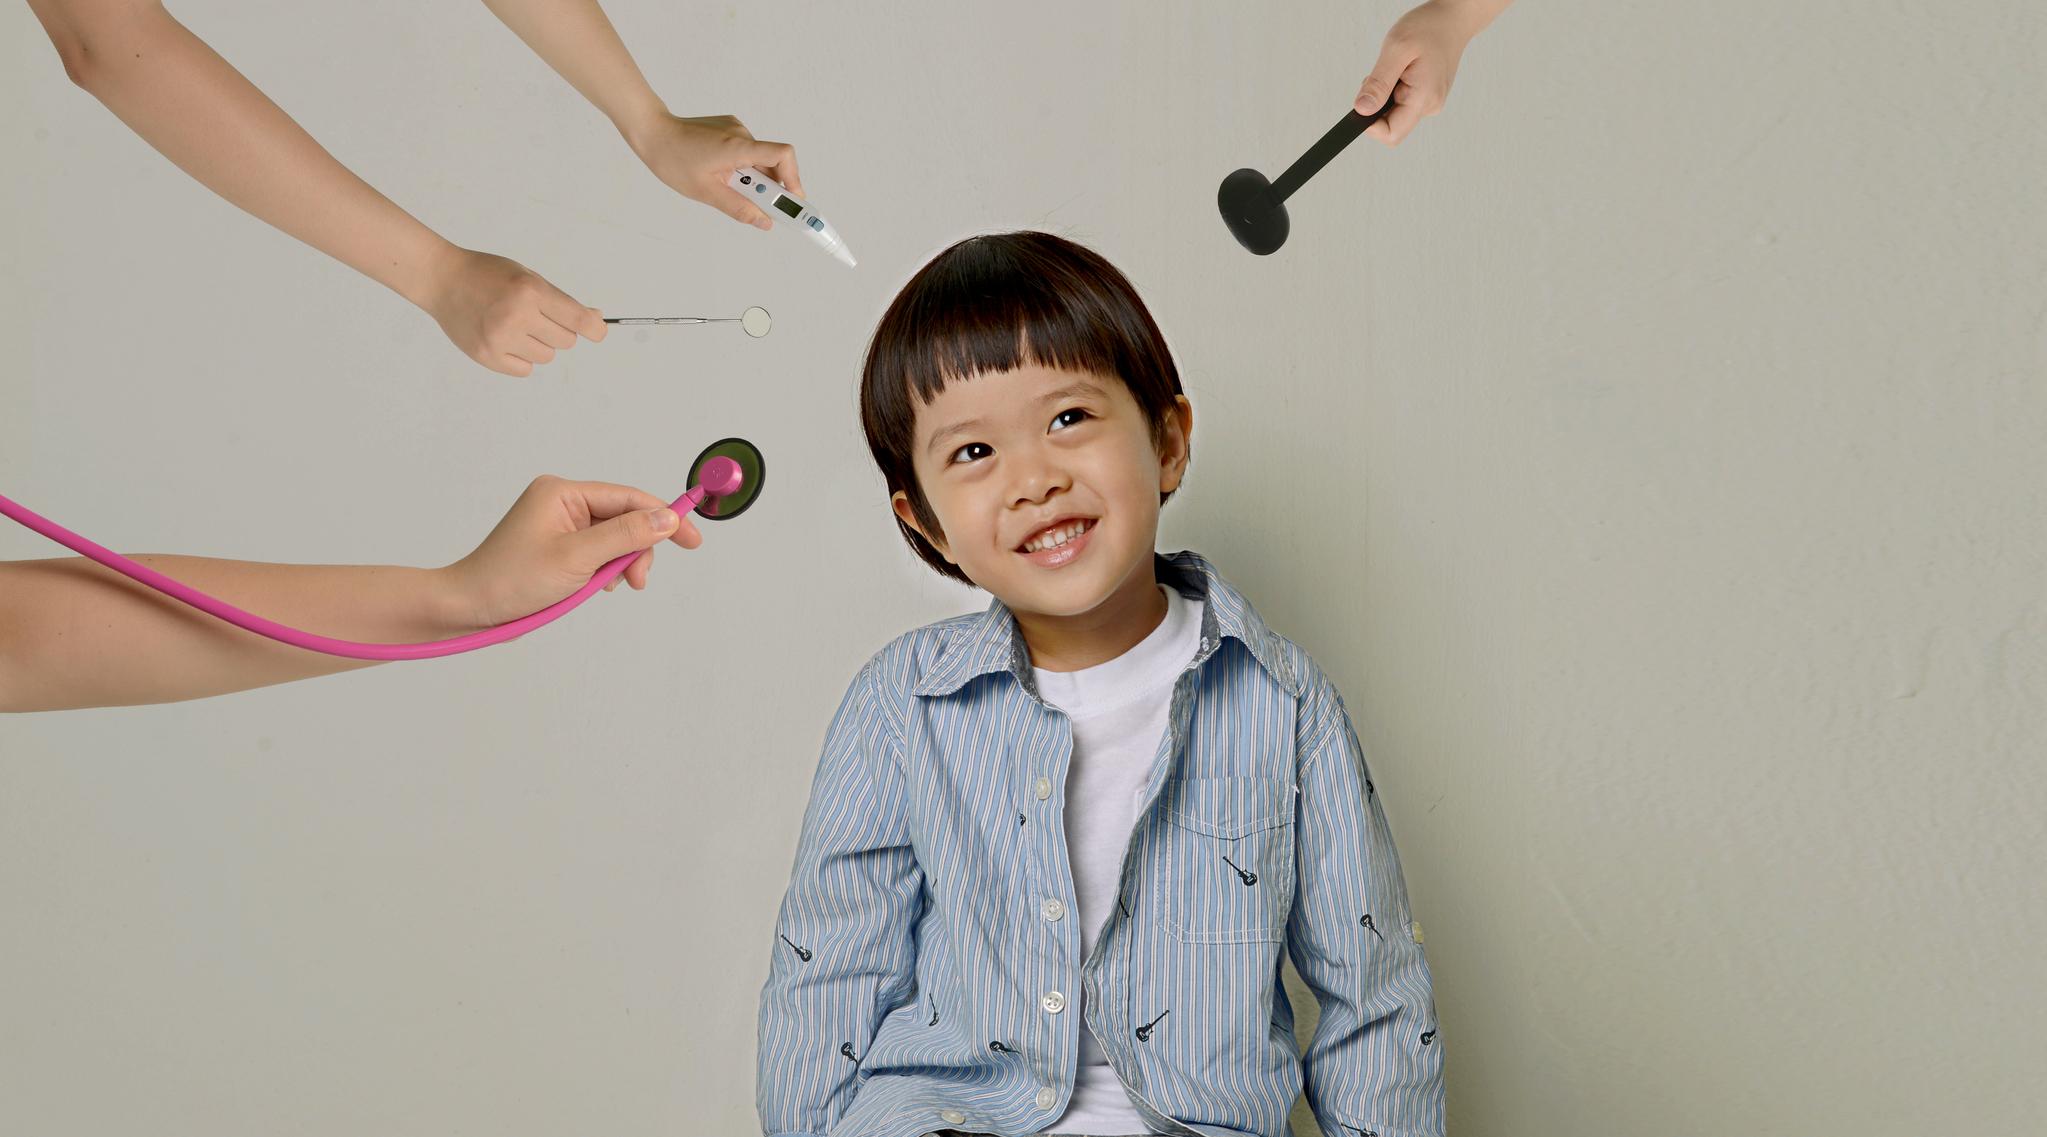 아이의 발육과 성장 상태를 가늠할 수 있는 '성장도표'가 지난해 12월 새로 제정됐다. [중앙포토]